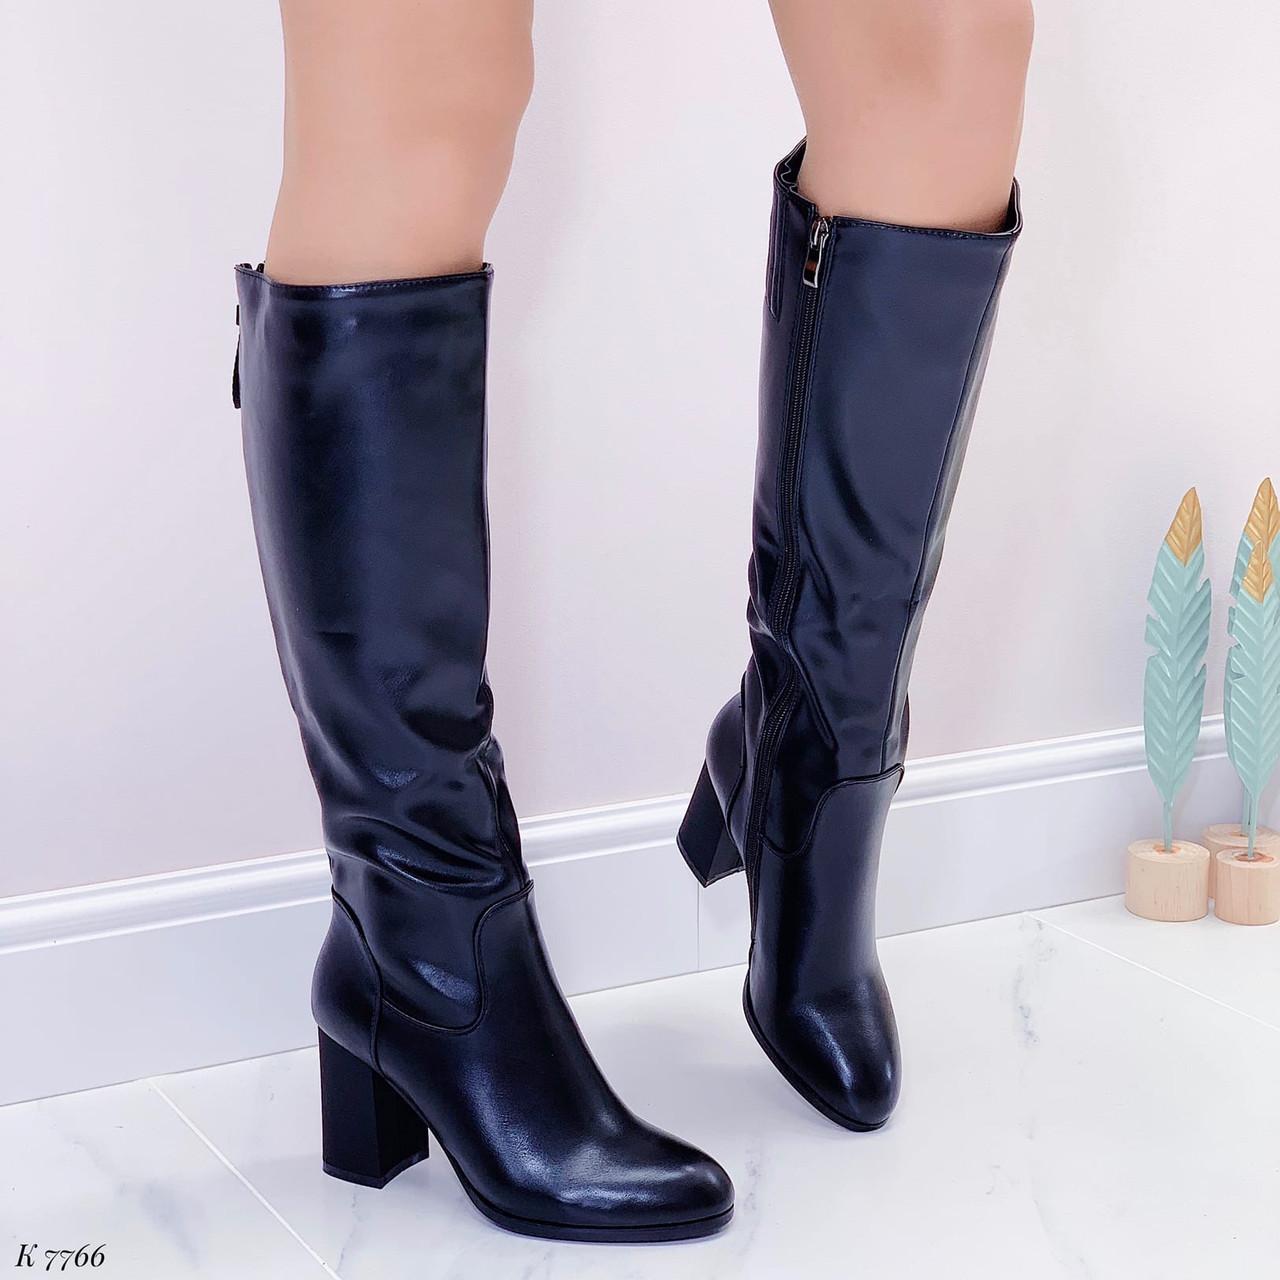 Черные сапоги женские ДЕМИ на каблуке 8 см эко-кожа